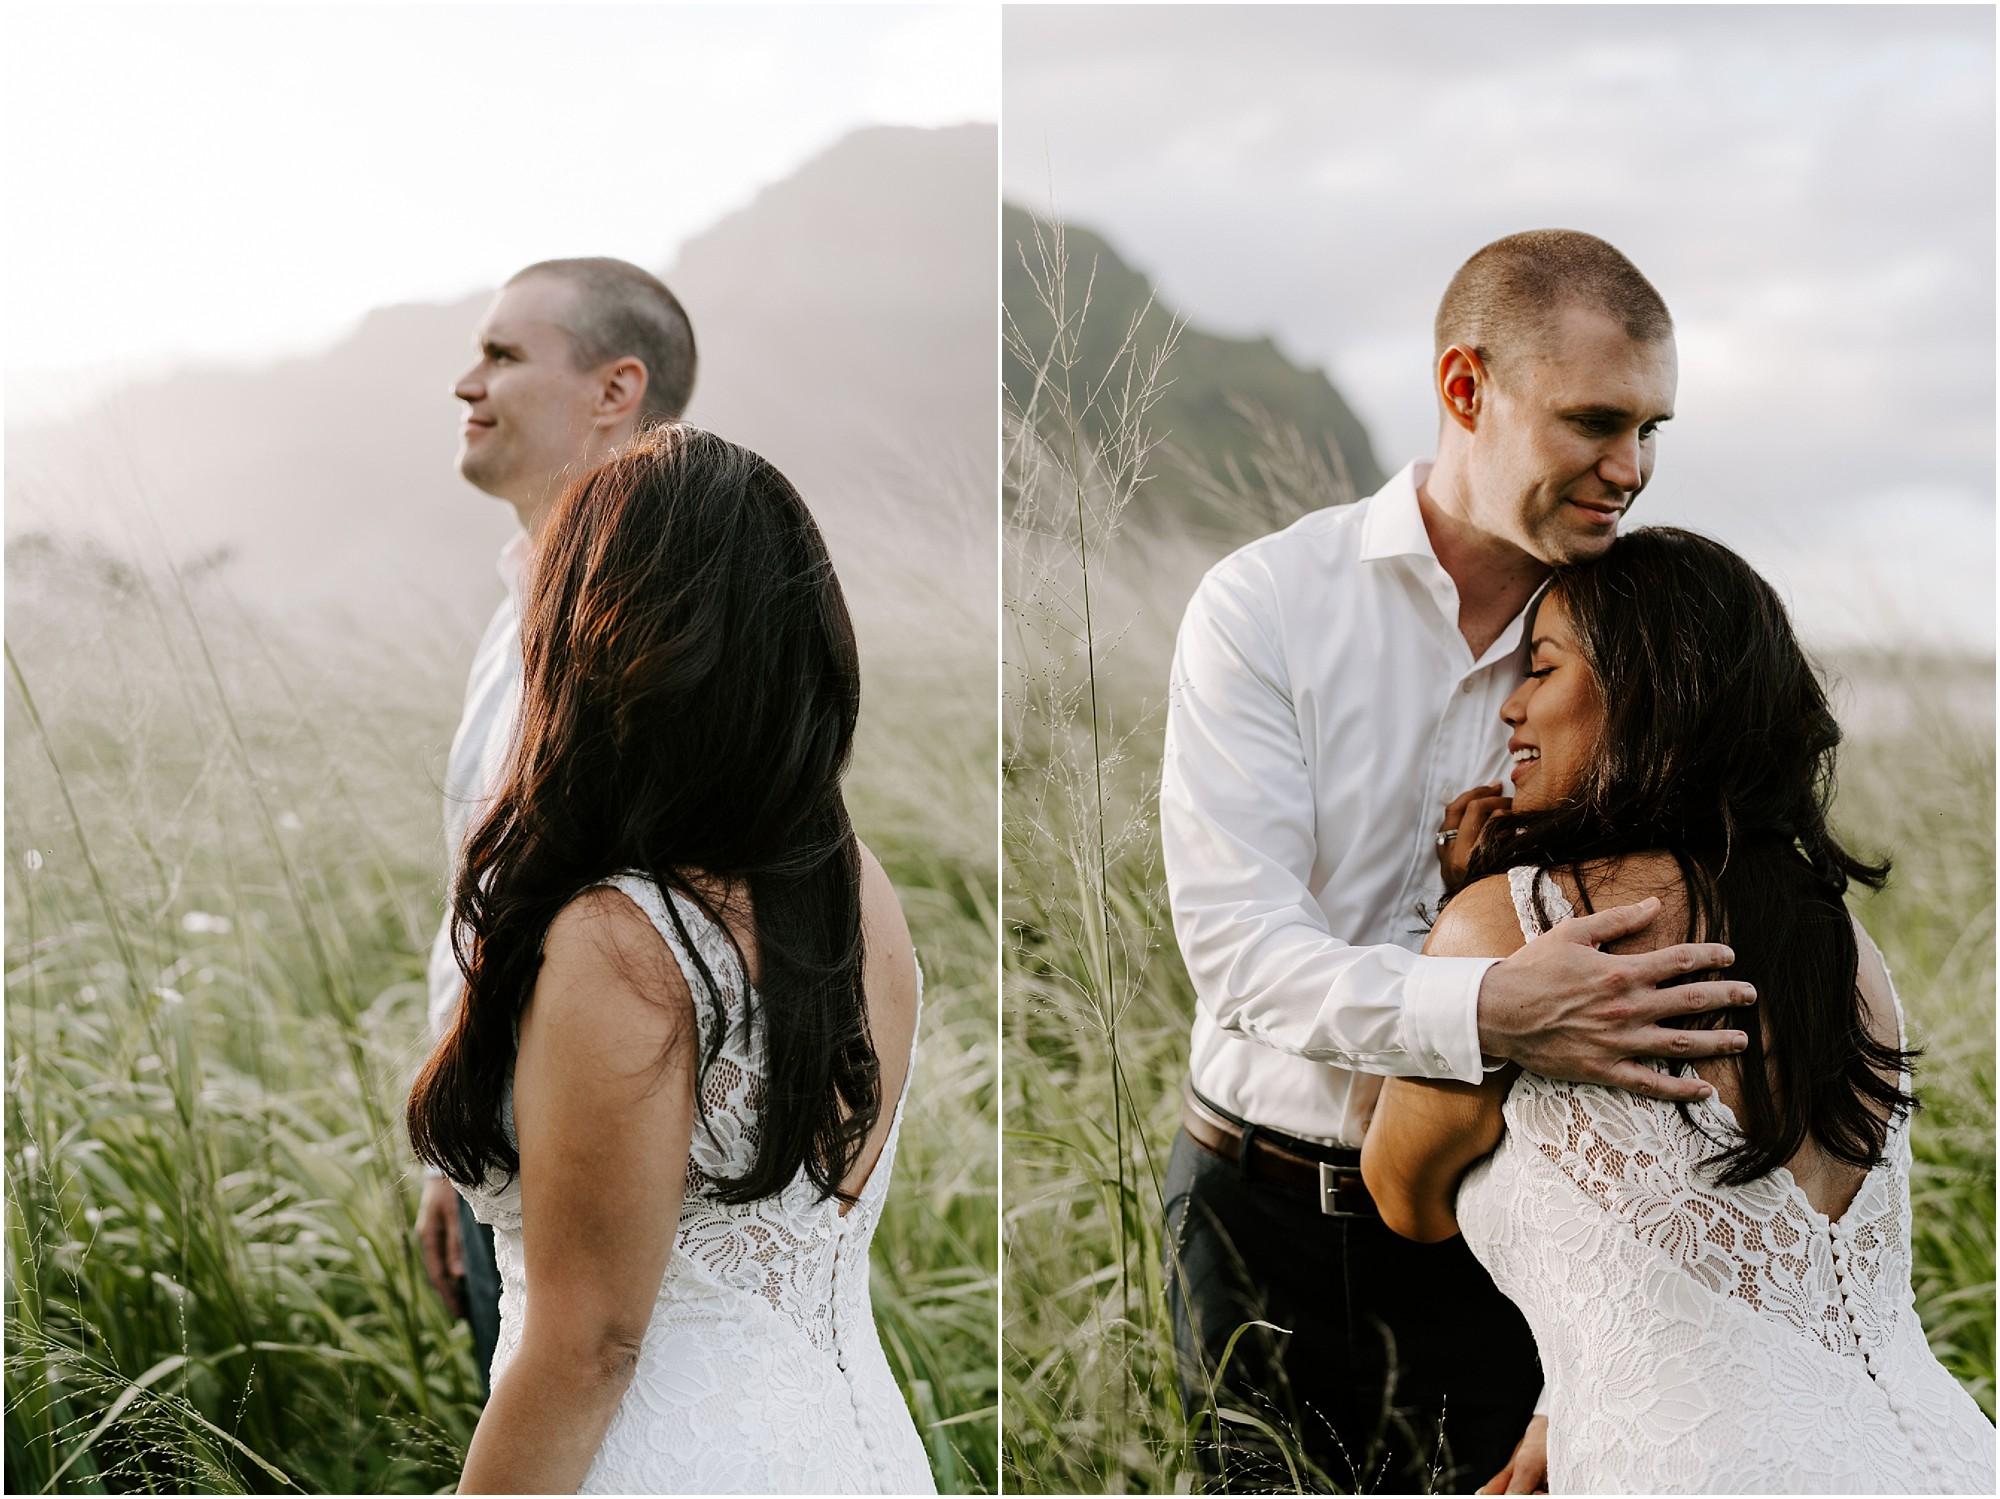 oahu-intimate-bridal-adventure-session_0005.jpg